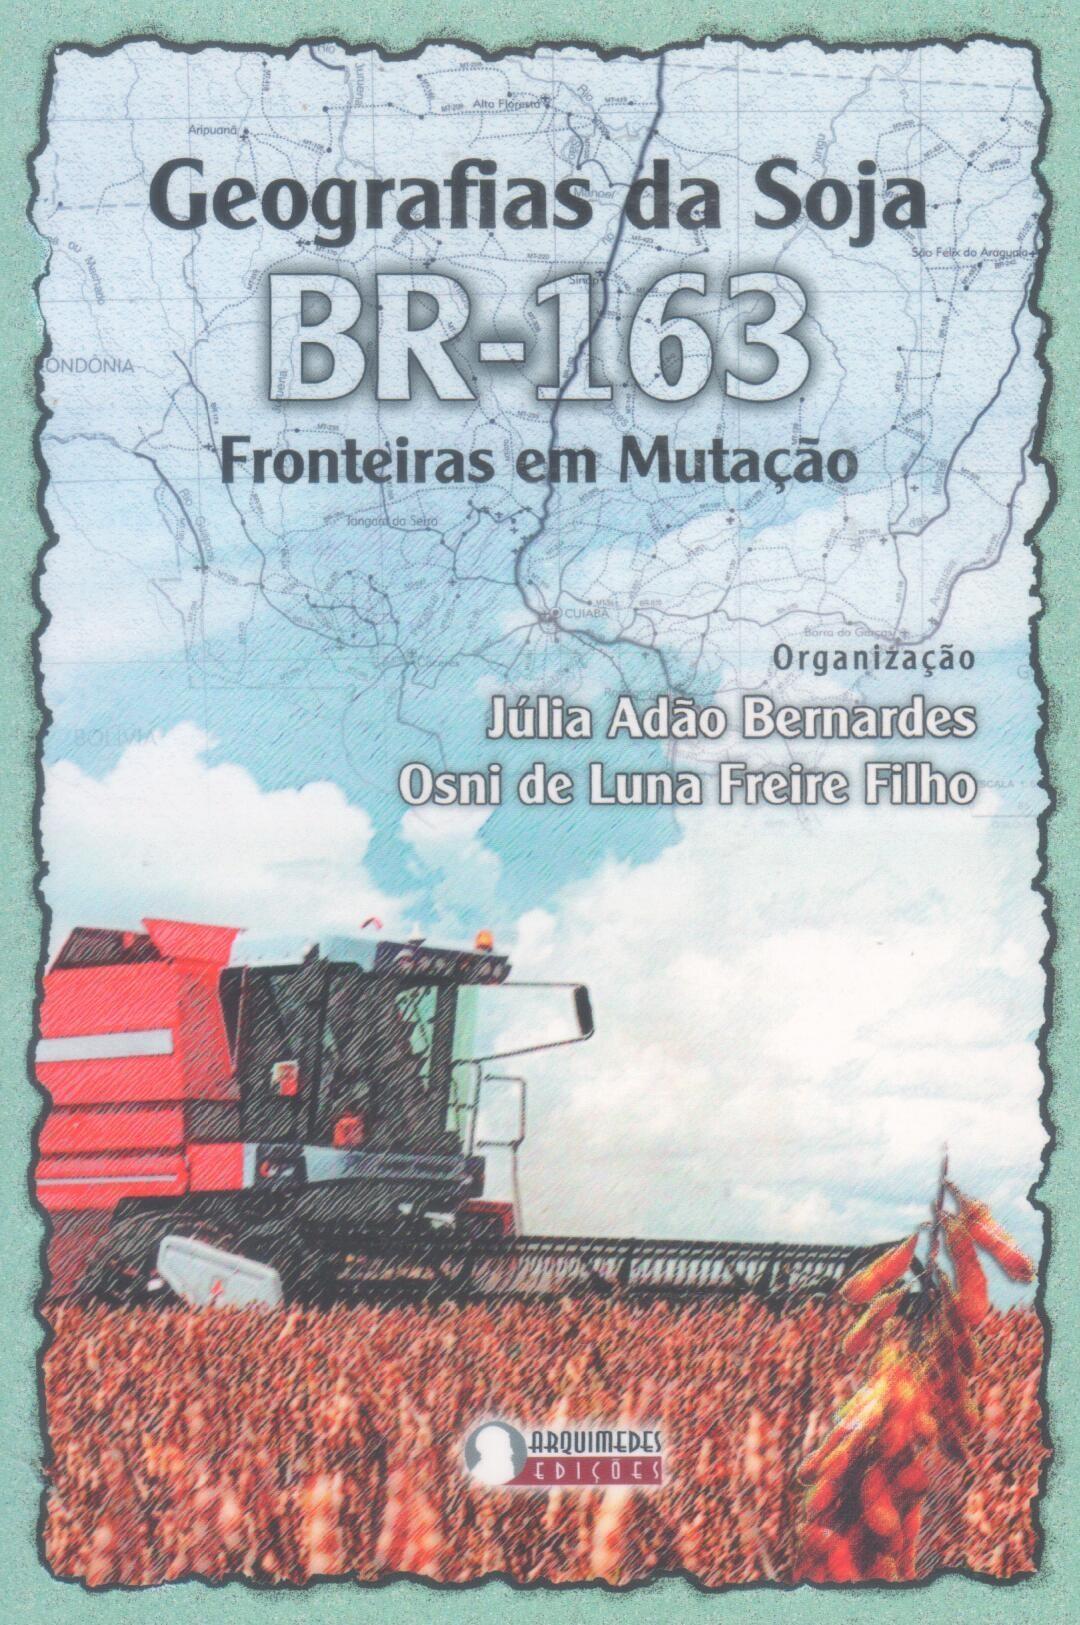 Geografias da soja I BR-163, fronteiras em mutação